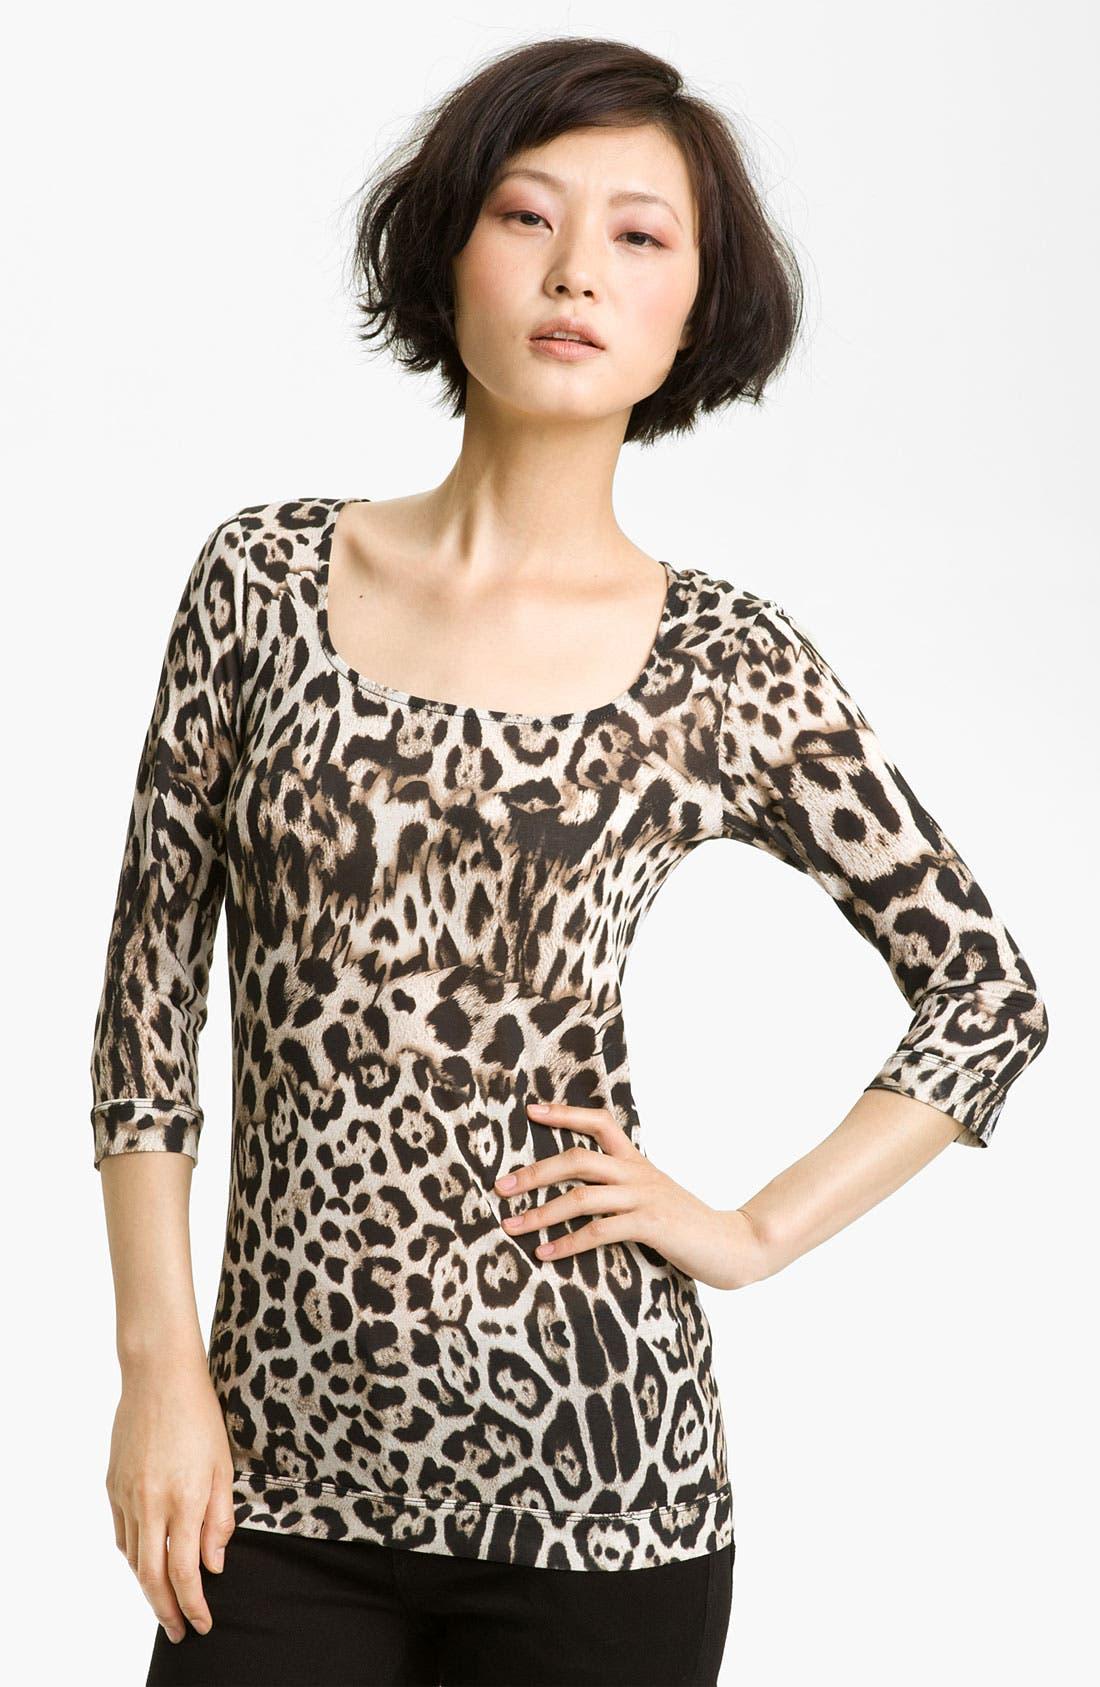 Alternate Image 1 Selected - Just Cavalli Leopard Print Tee